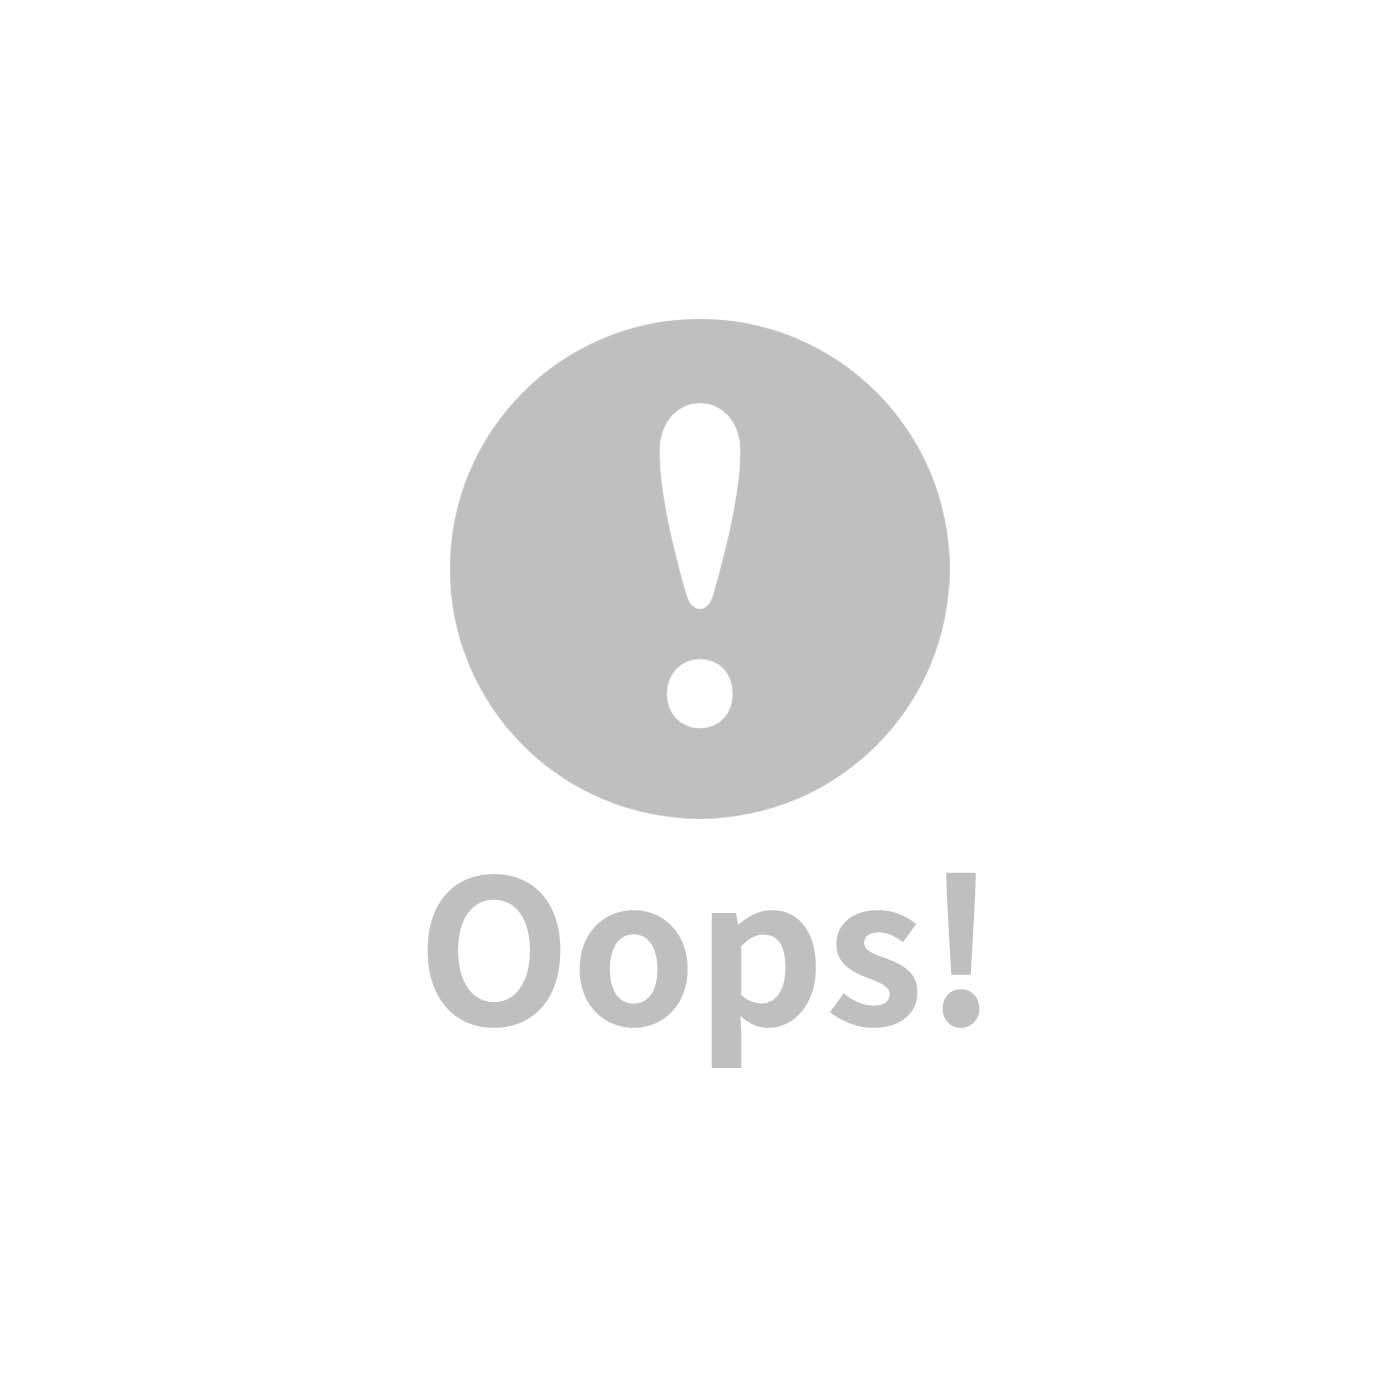 【預購品 11/18起出貨】Soopsori全腦開發‧原粹木積木(26P磁性積木組)